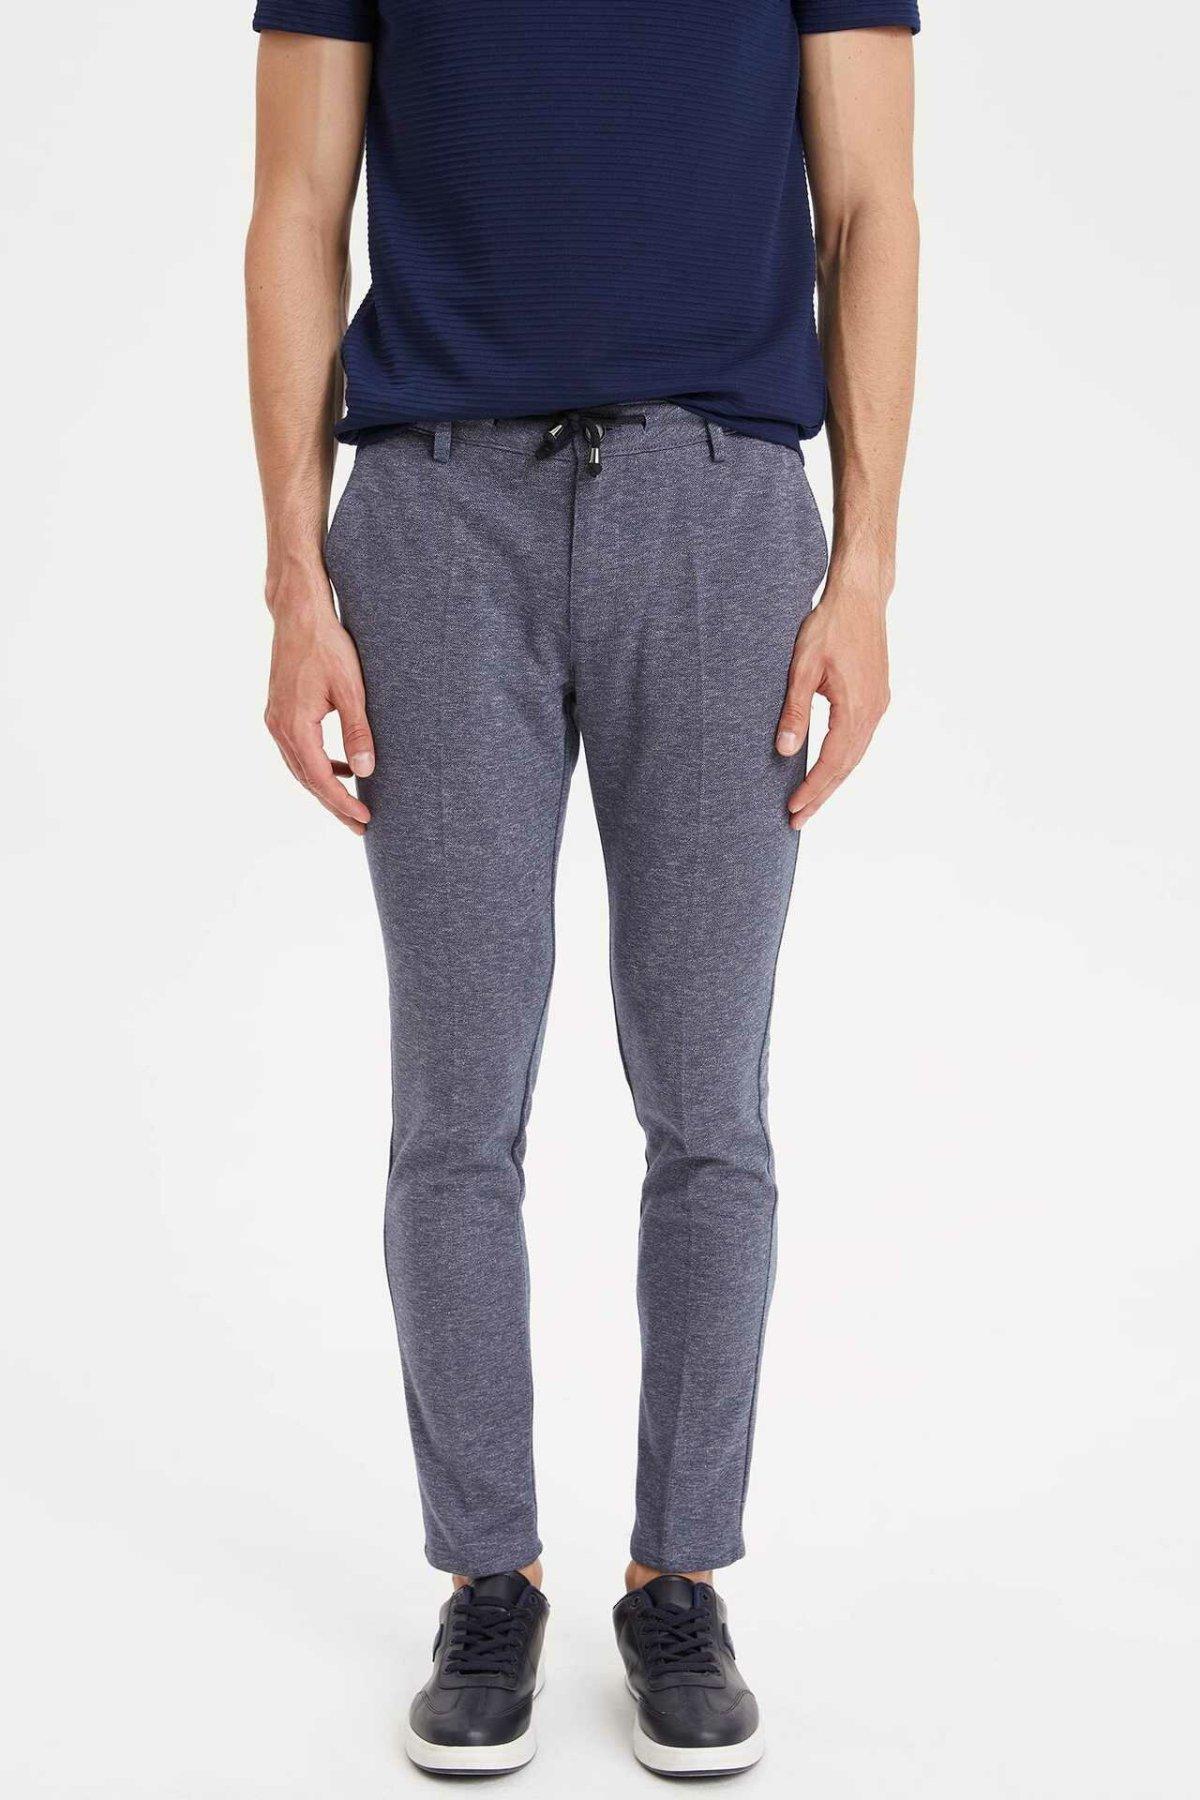 DeFacto Man Summer Solid Color Long Pants Men Casual Lace-up Bottoms Male Smart Casual Slim Fit Pants Trousers-L1544AZ19SM